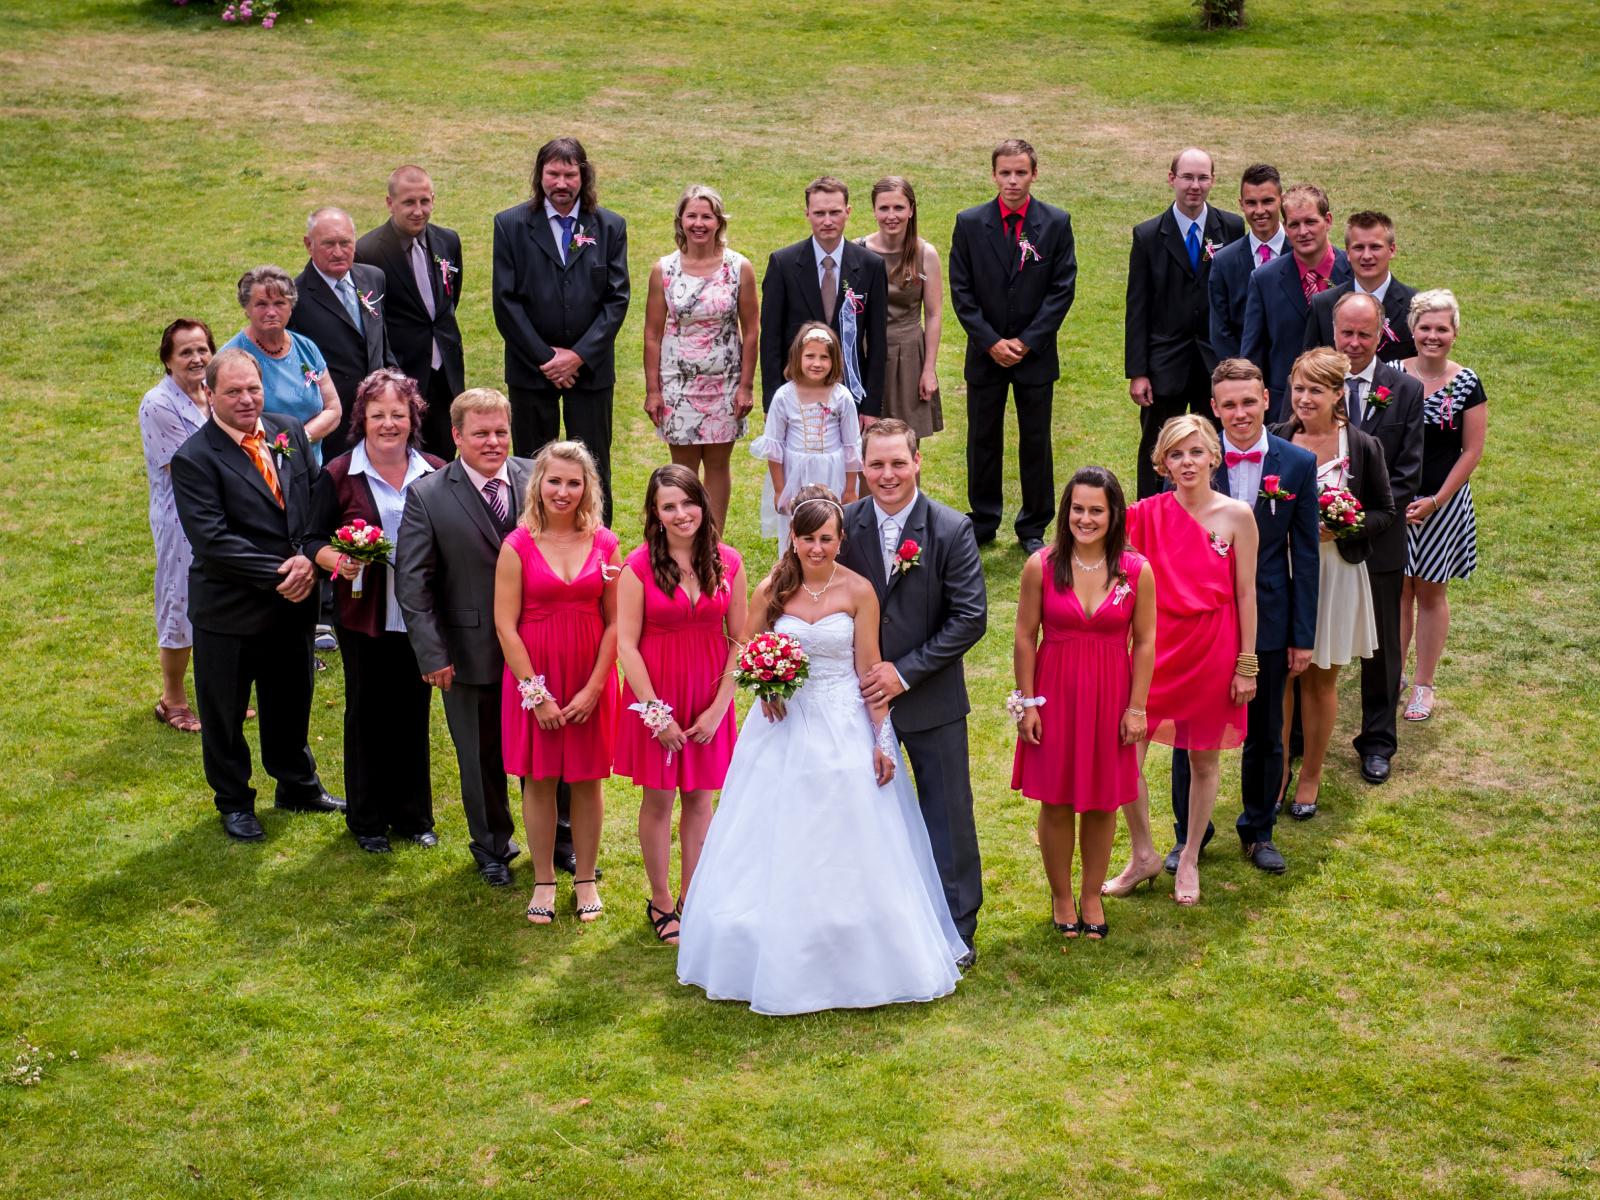 Svatební fotokniha ze svatebních fotografií